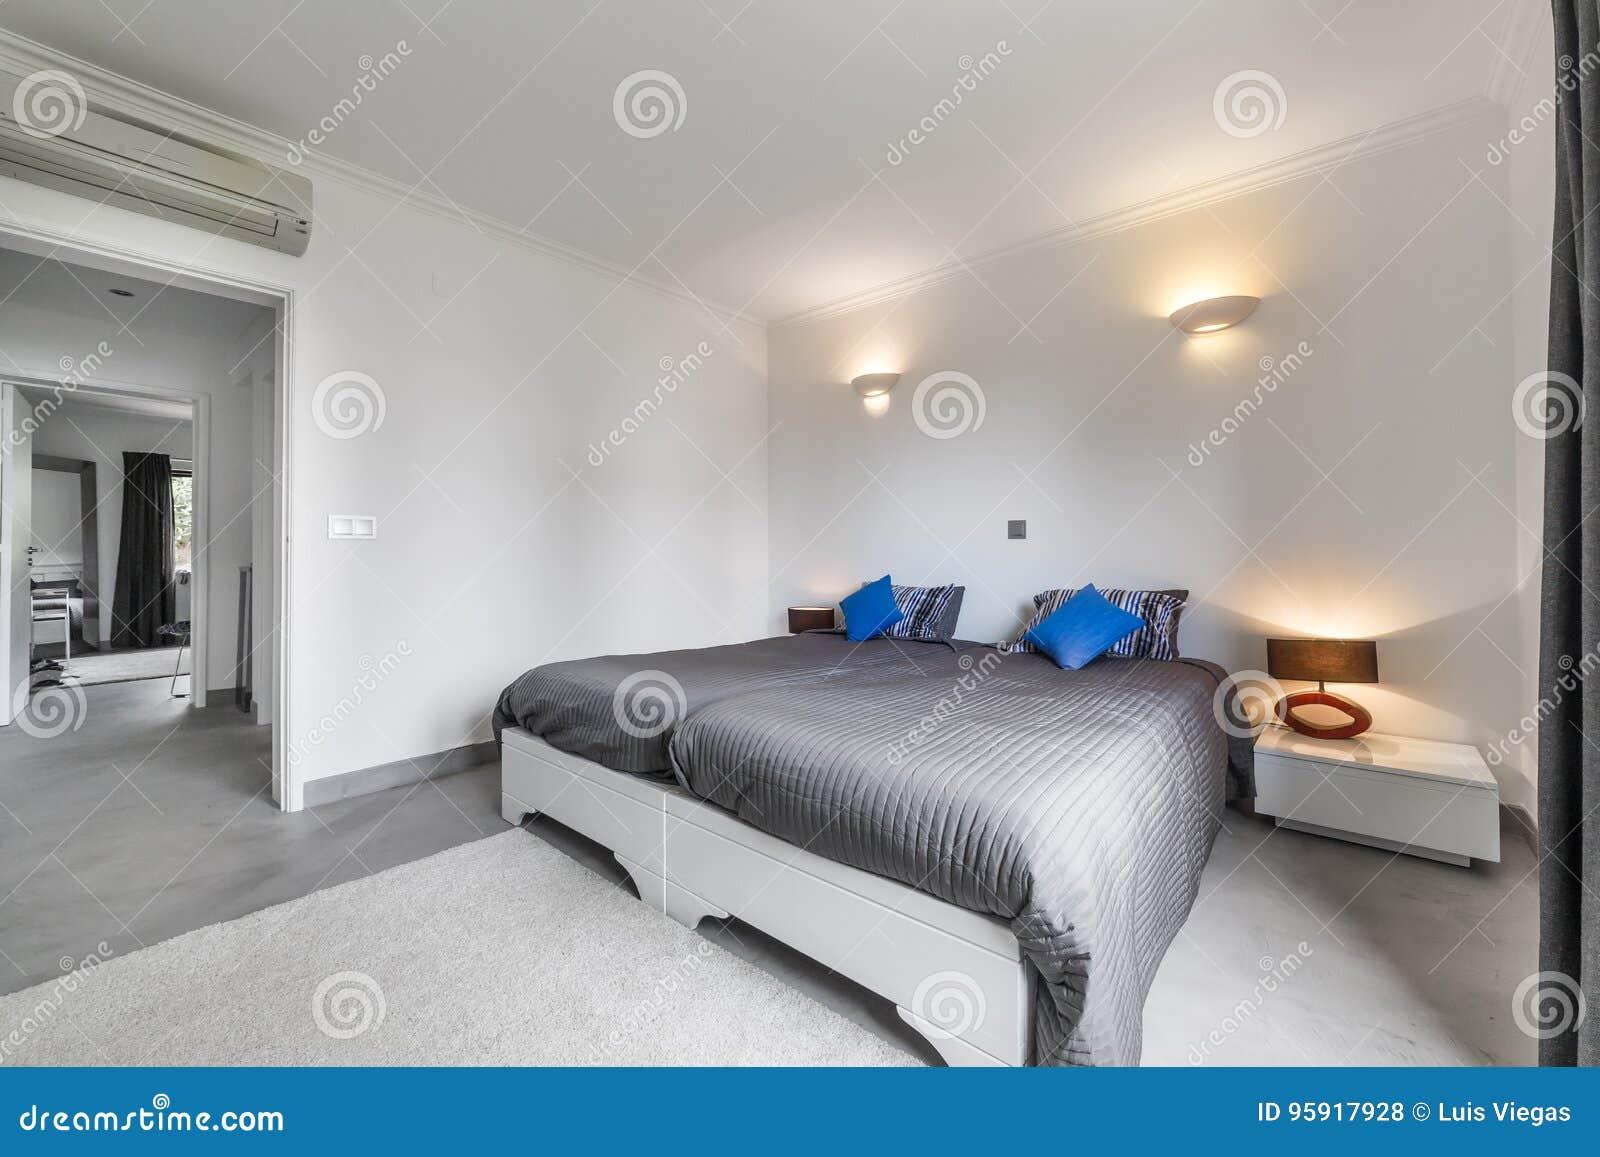 Pavimento Grigio Moderno : Appartamento moderno con le pareti bianche ed il pavimento grigio